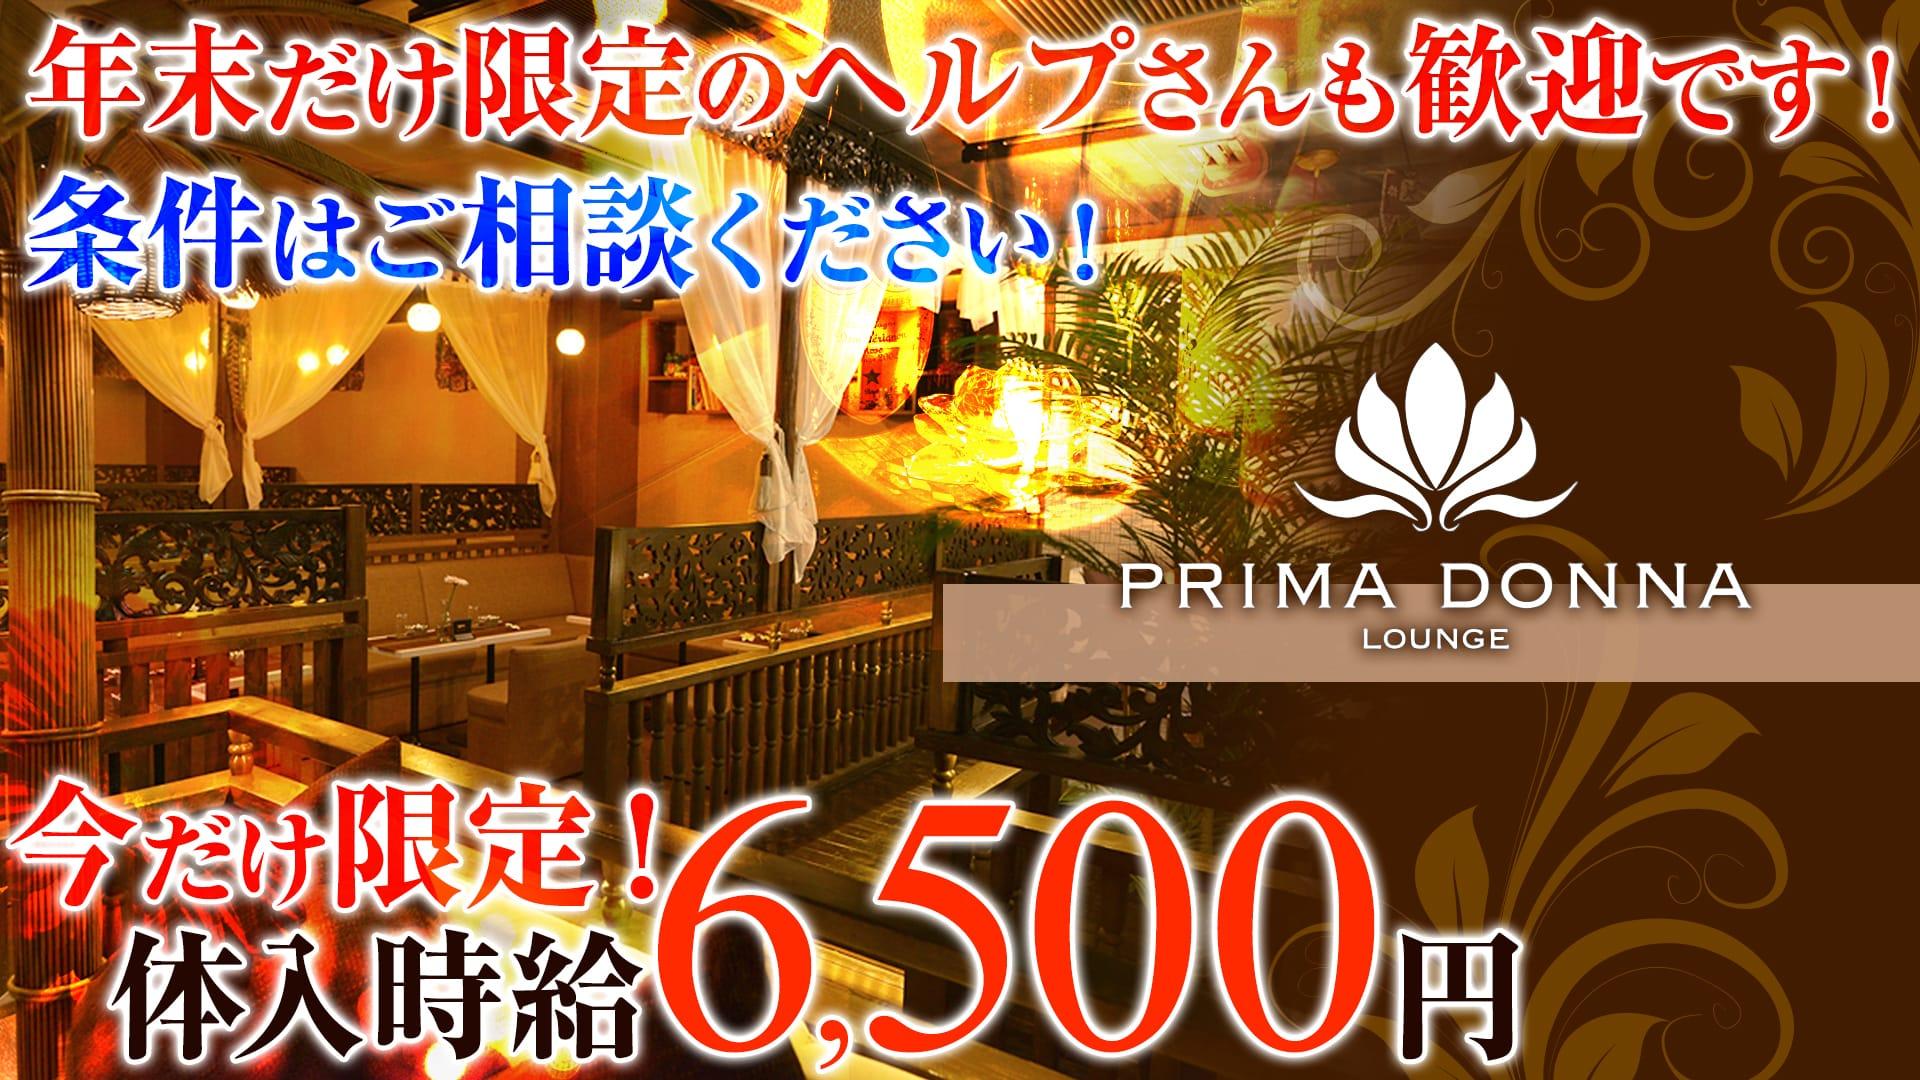 PRIMADONNA 千葉店(プリマドンナ) 千葉キャバクラ TOP画像